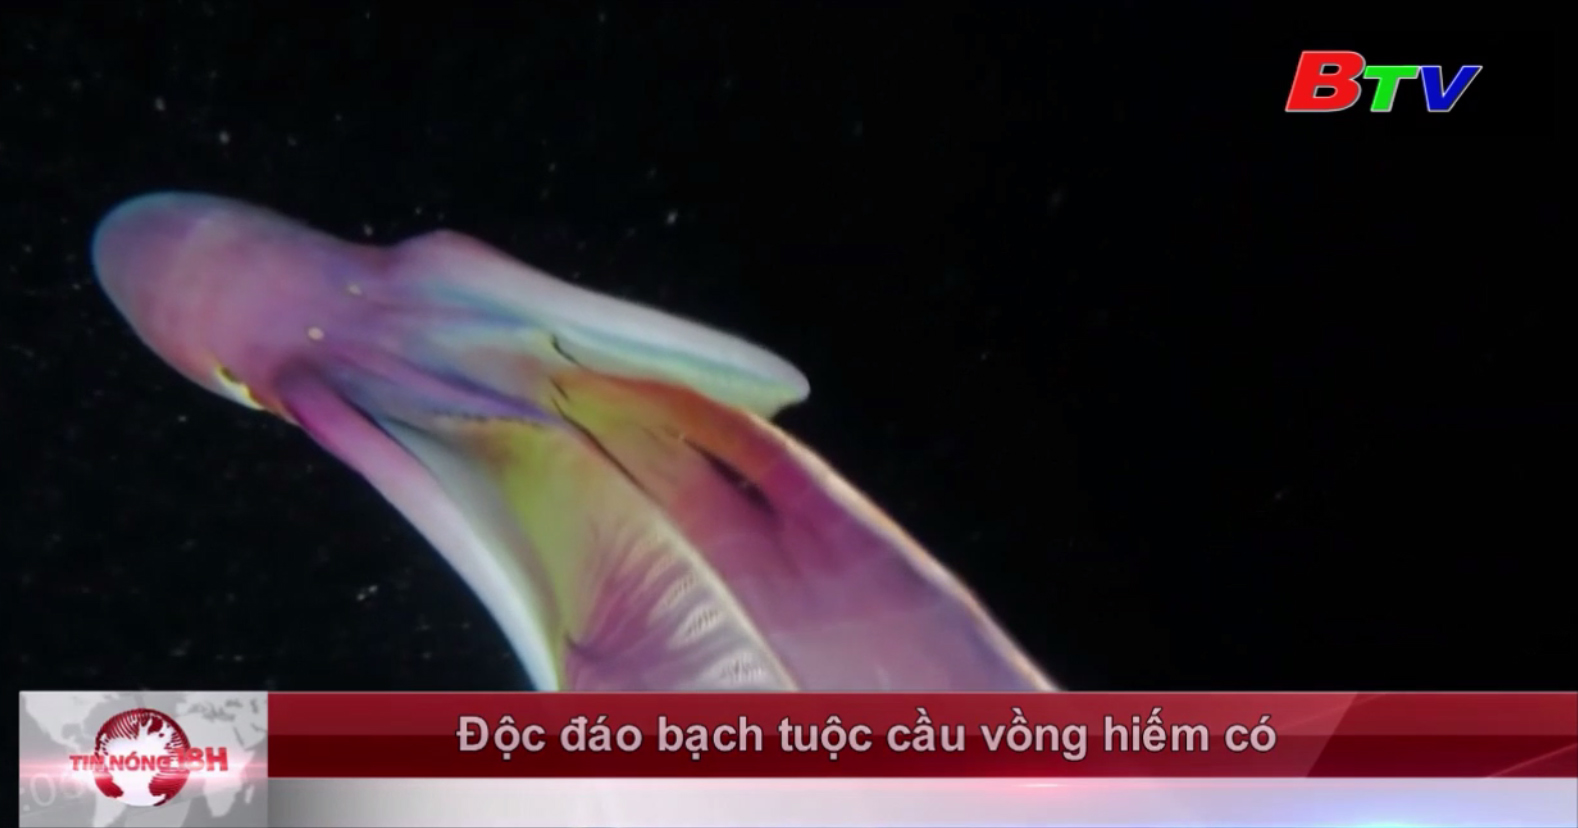 Độc đáo bạch tuộc cầu vồng hiếm có